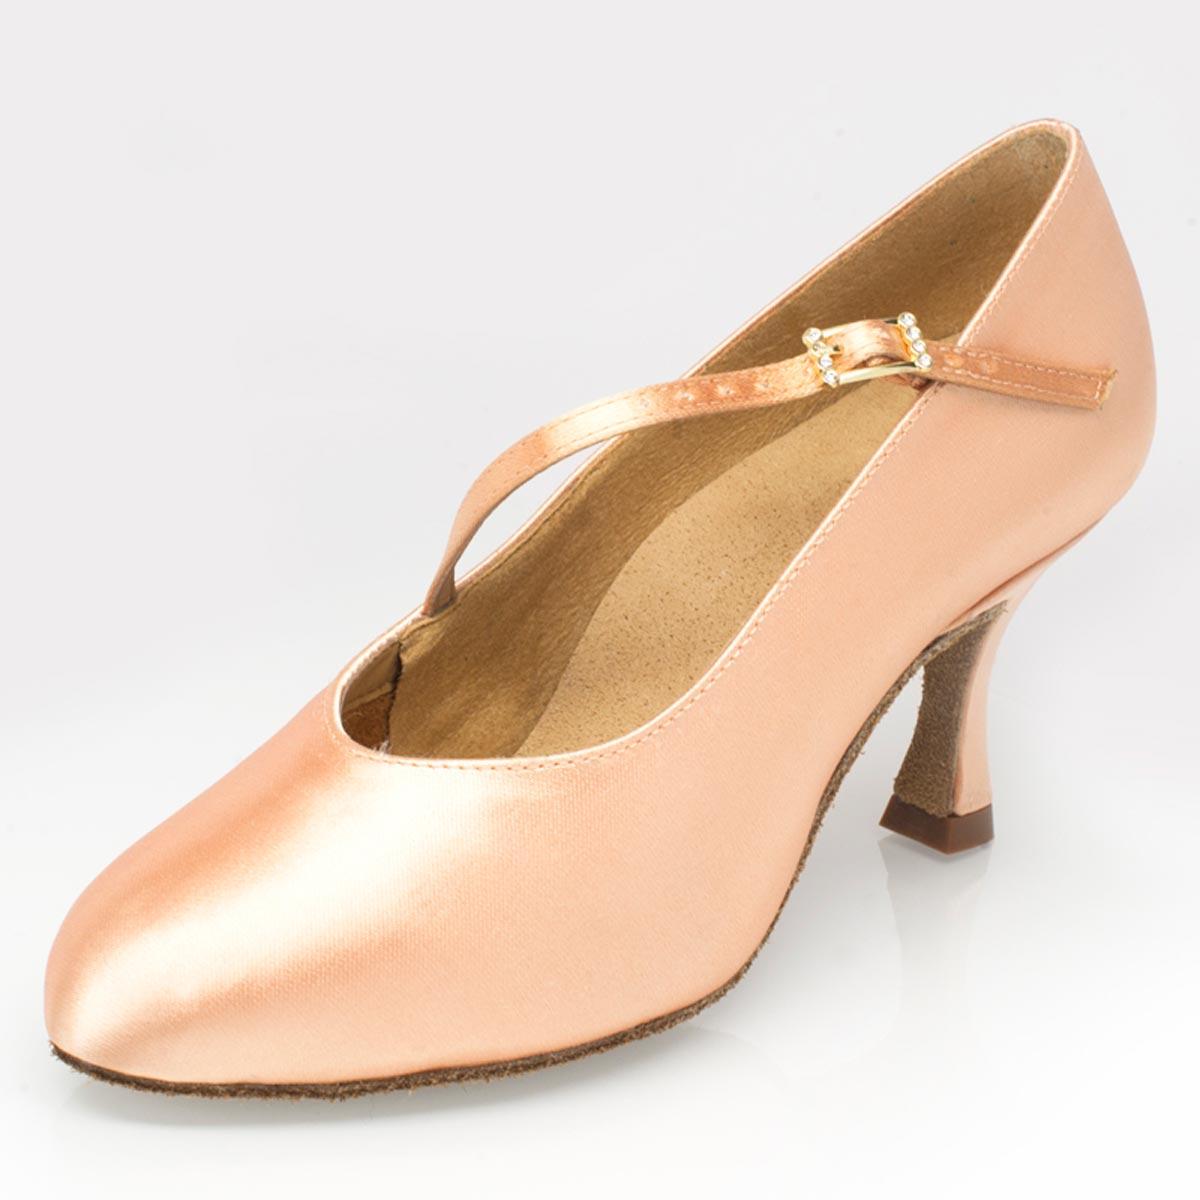 11fe44cae5e Ray Rose - Ladies Dance Shoes 116 Rockslide - Satin Light Flesh